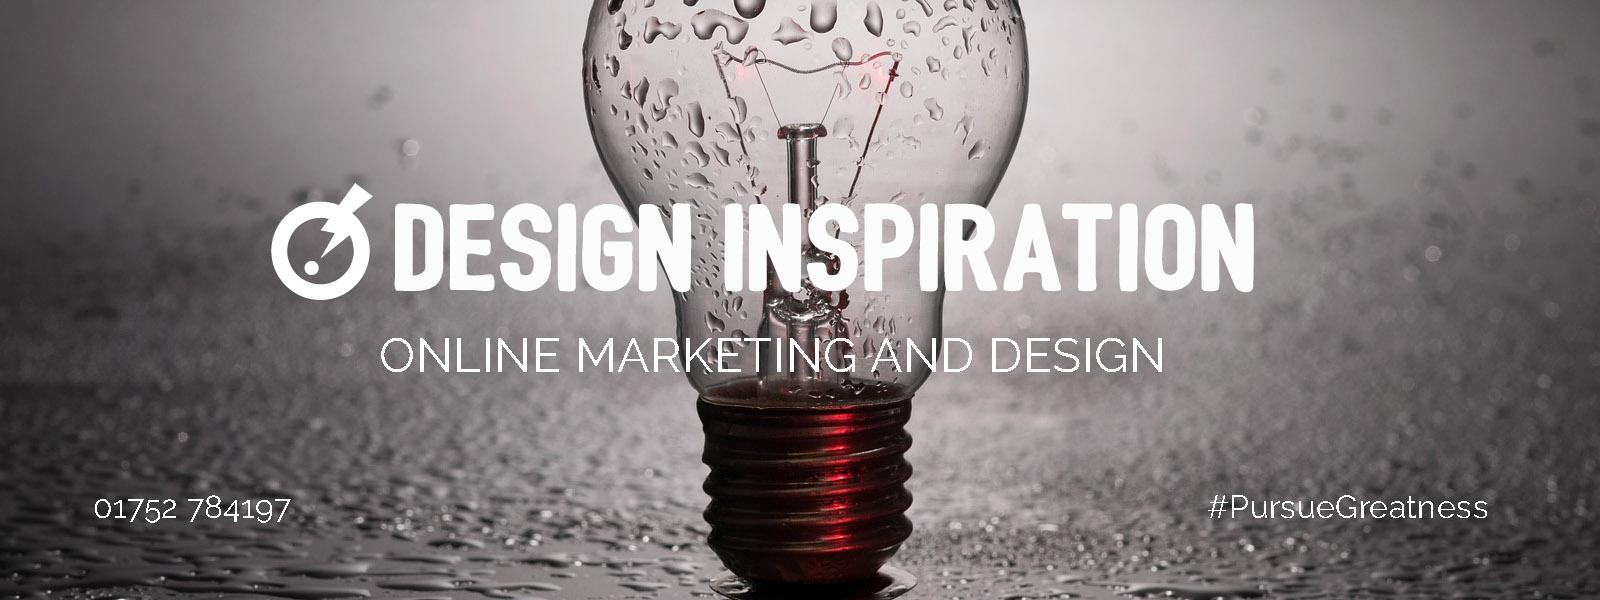 Design Inspiration - online marketing and design